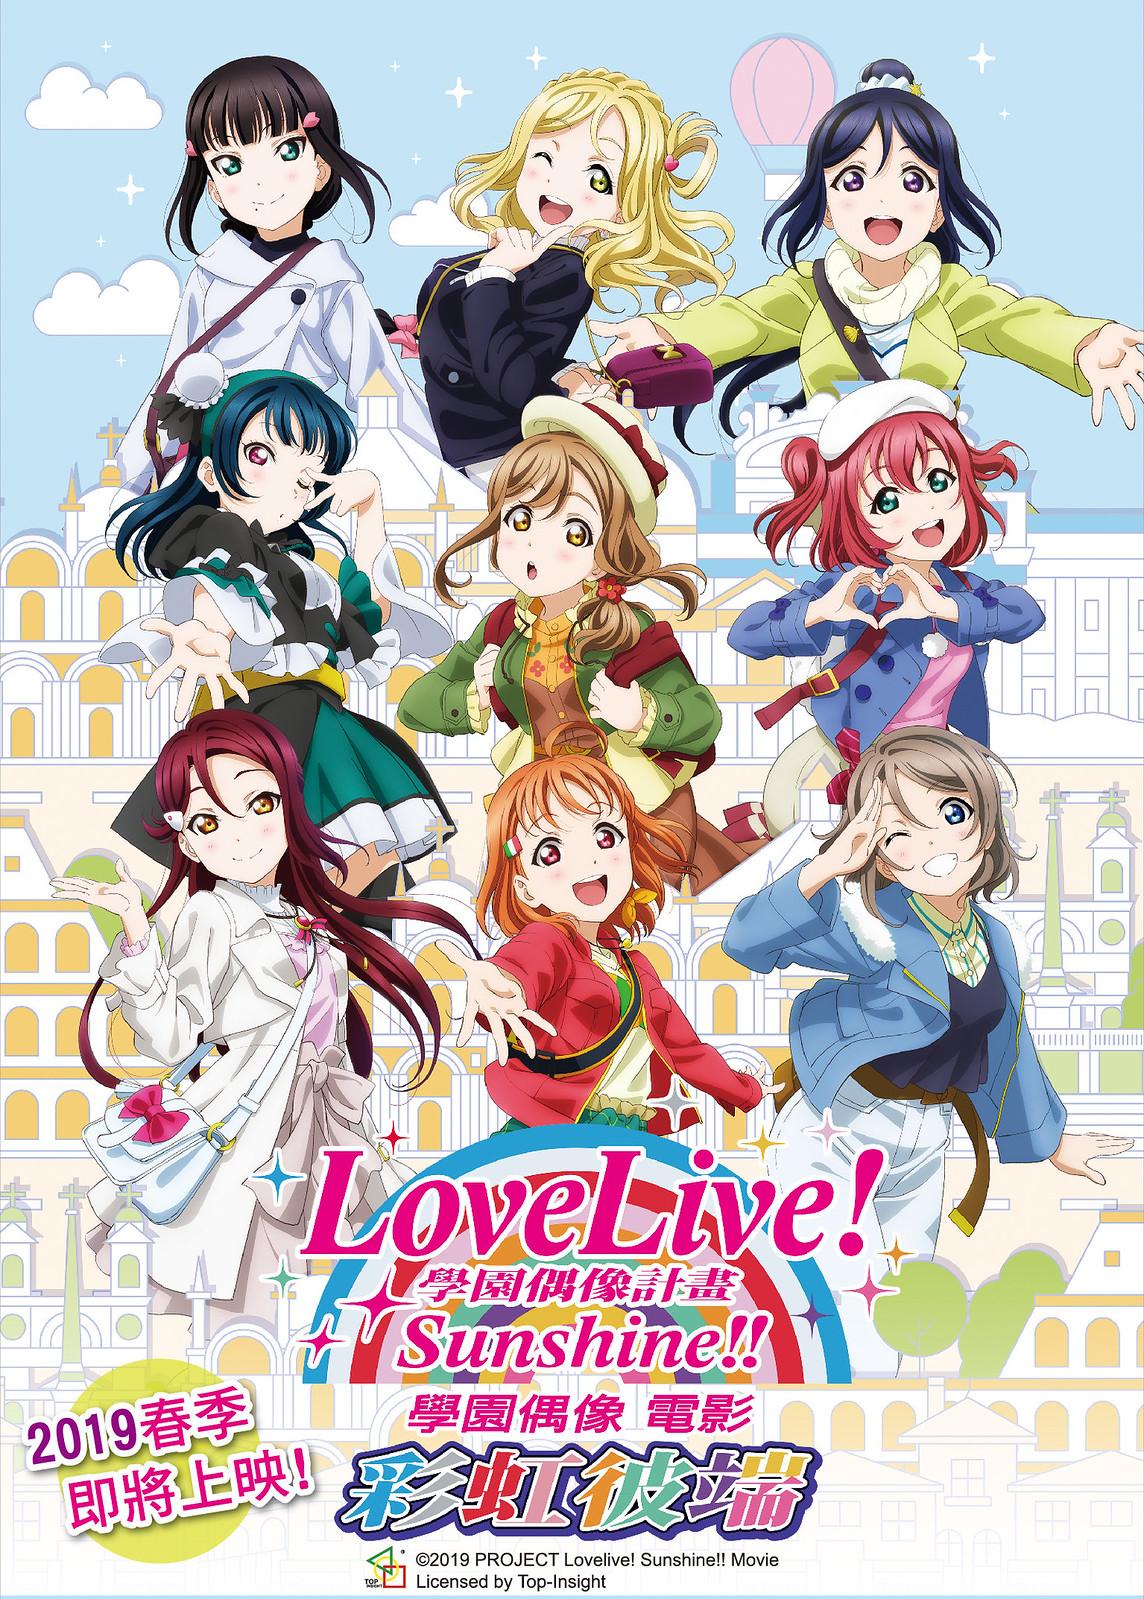 190105 – 日本昨天首映劇場版《Love Live! Sunshine!! 學園偶像電影~彩虹彼端~》台灣預定今年春天上映!